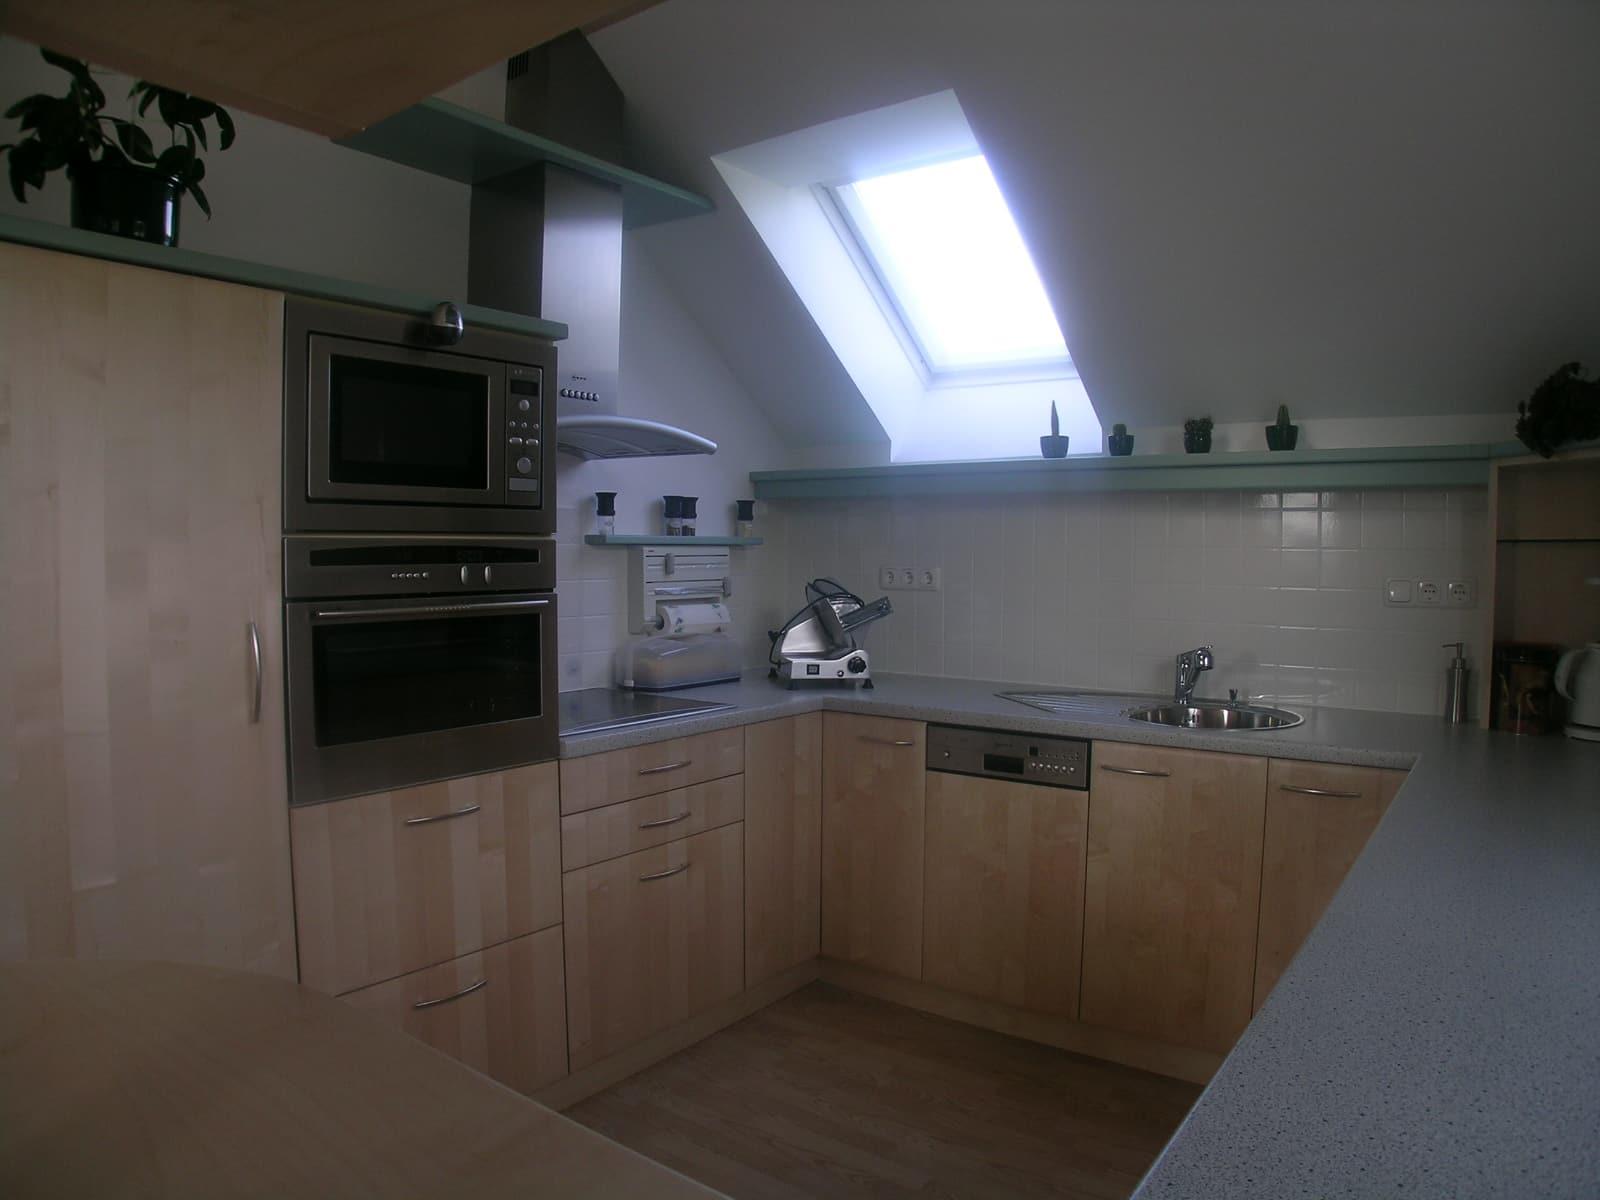 Fesselnde Küche In Dachschräge Beste Wahl U-küche Im Dachgeschoss.